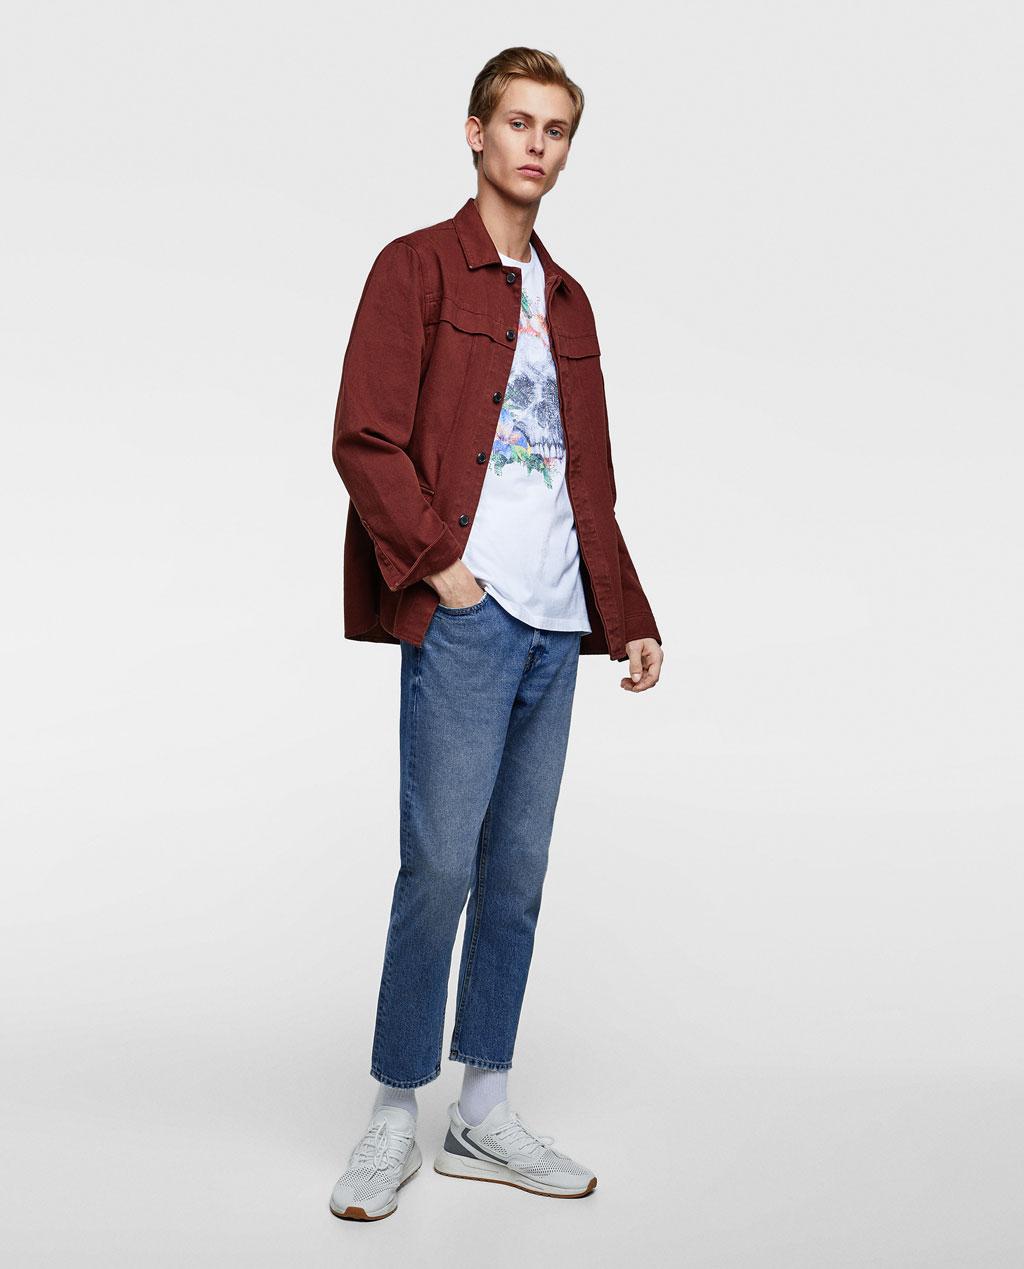 Thời trang nam Zara   - ảnh 7